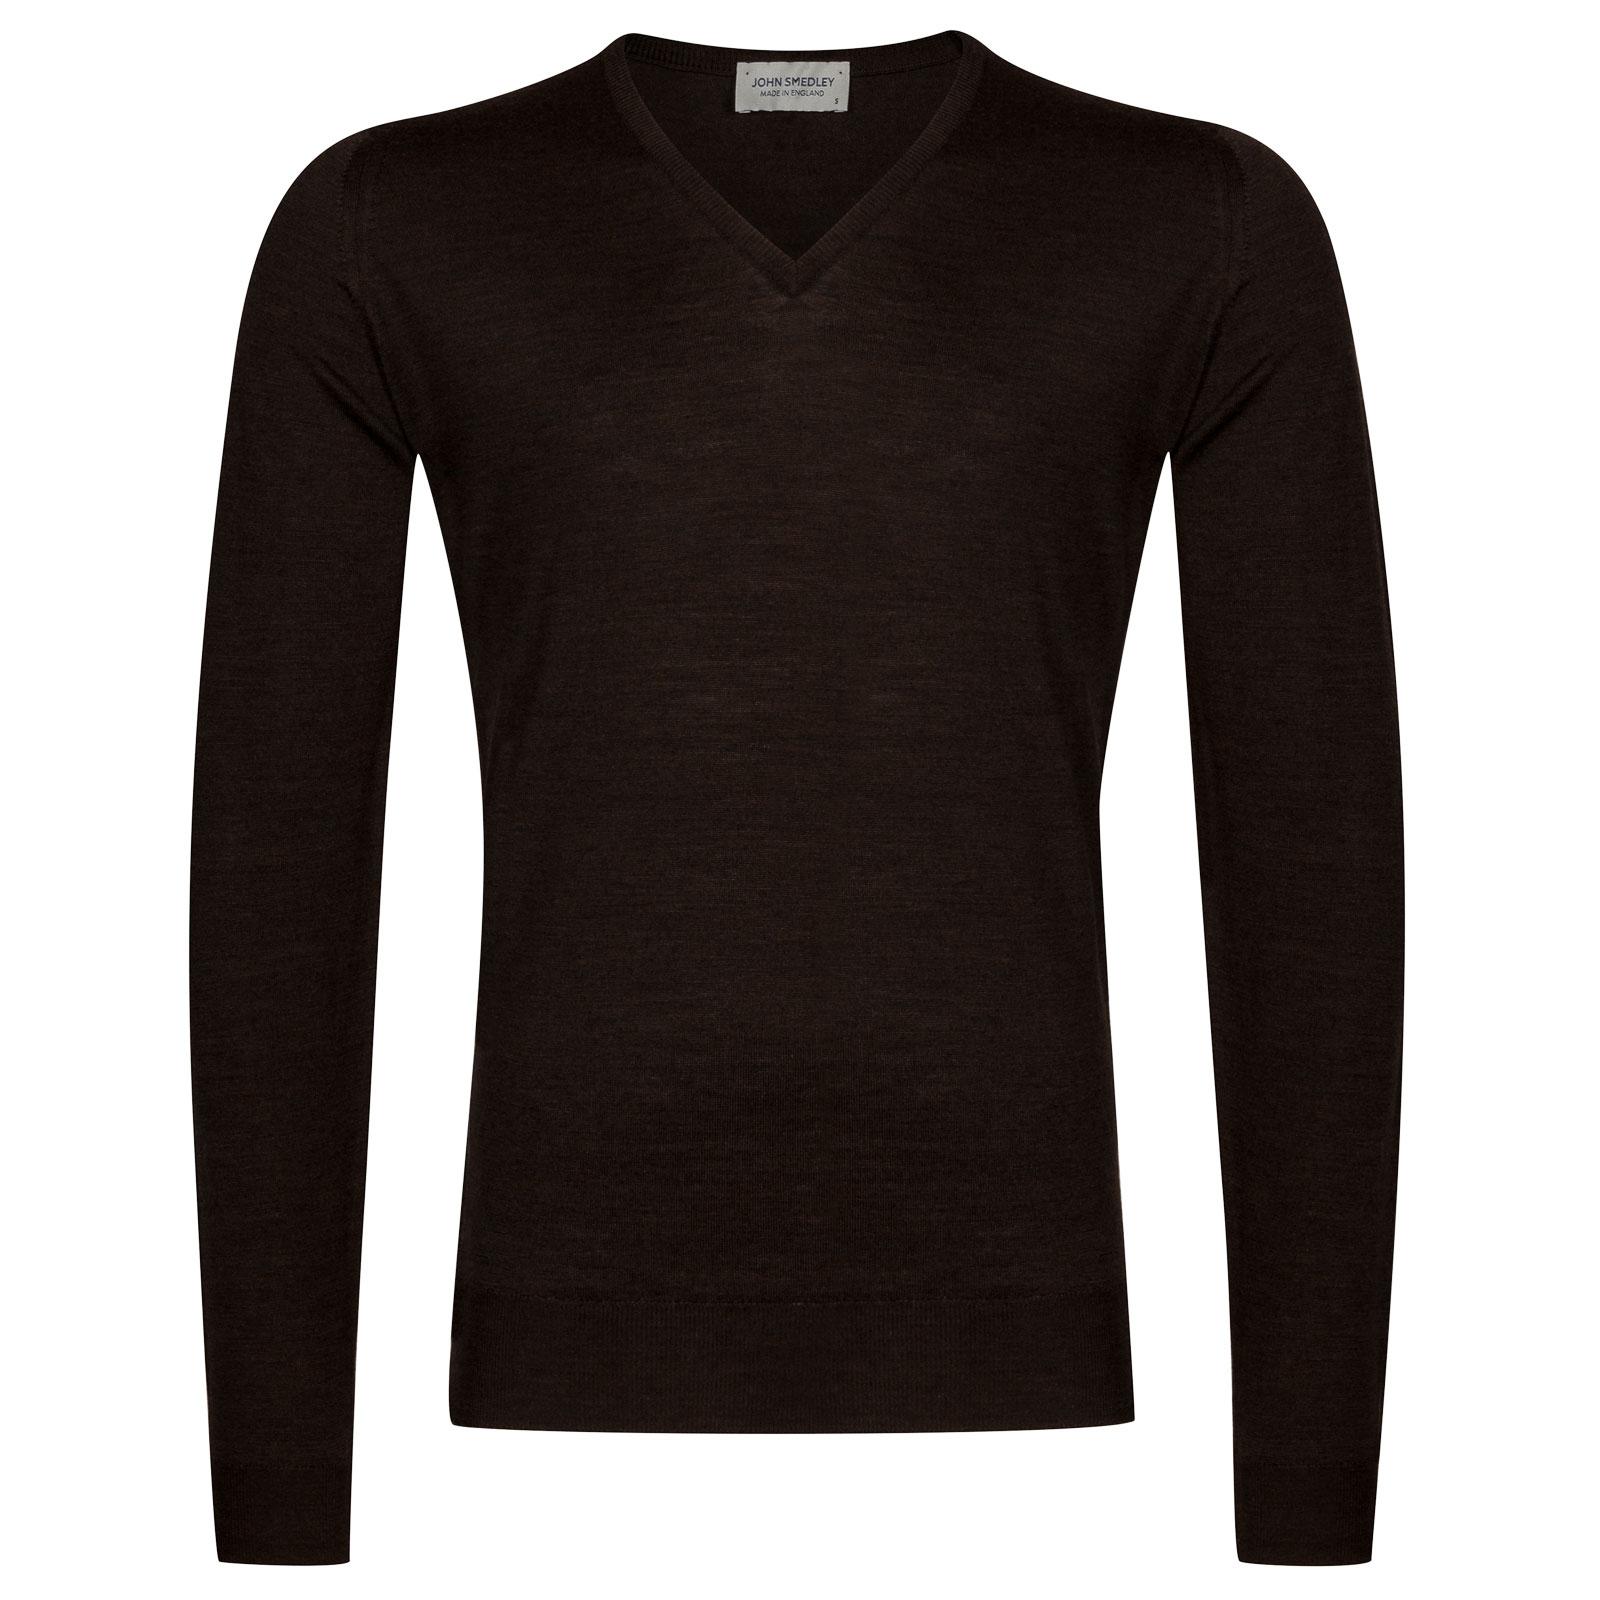 John Smedley Blenheim Merino Wool Pullover in Chestnut-S